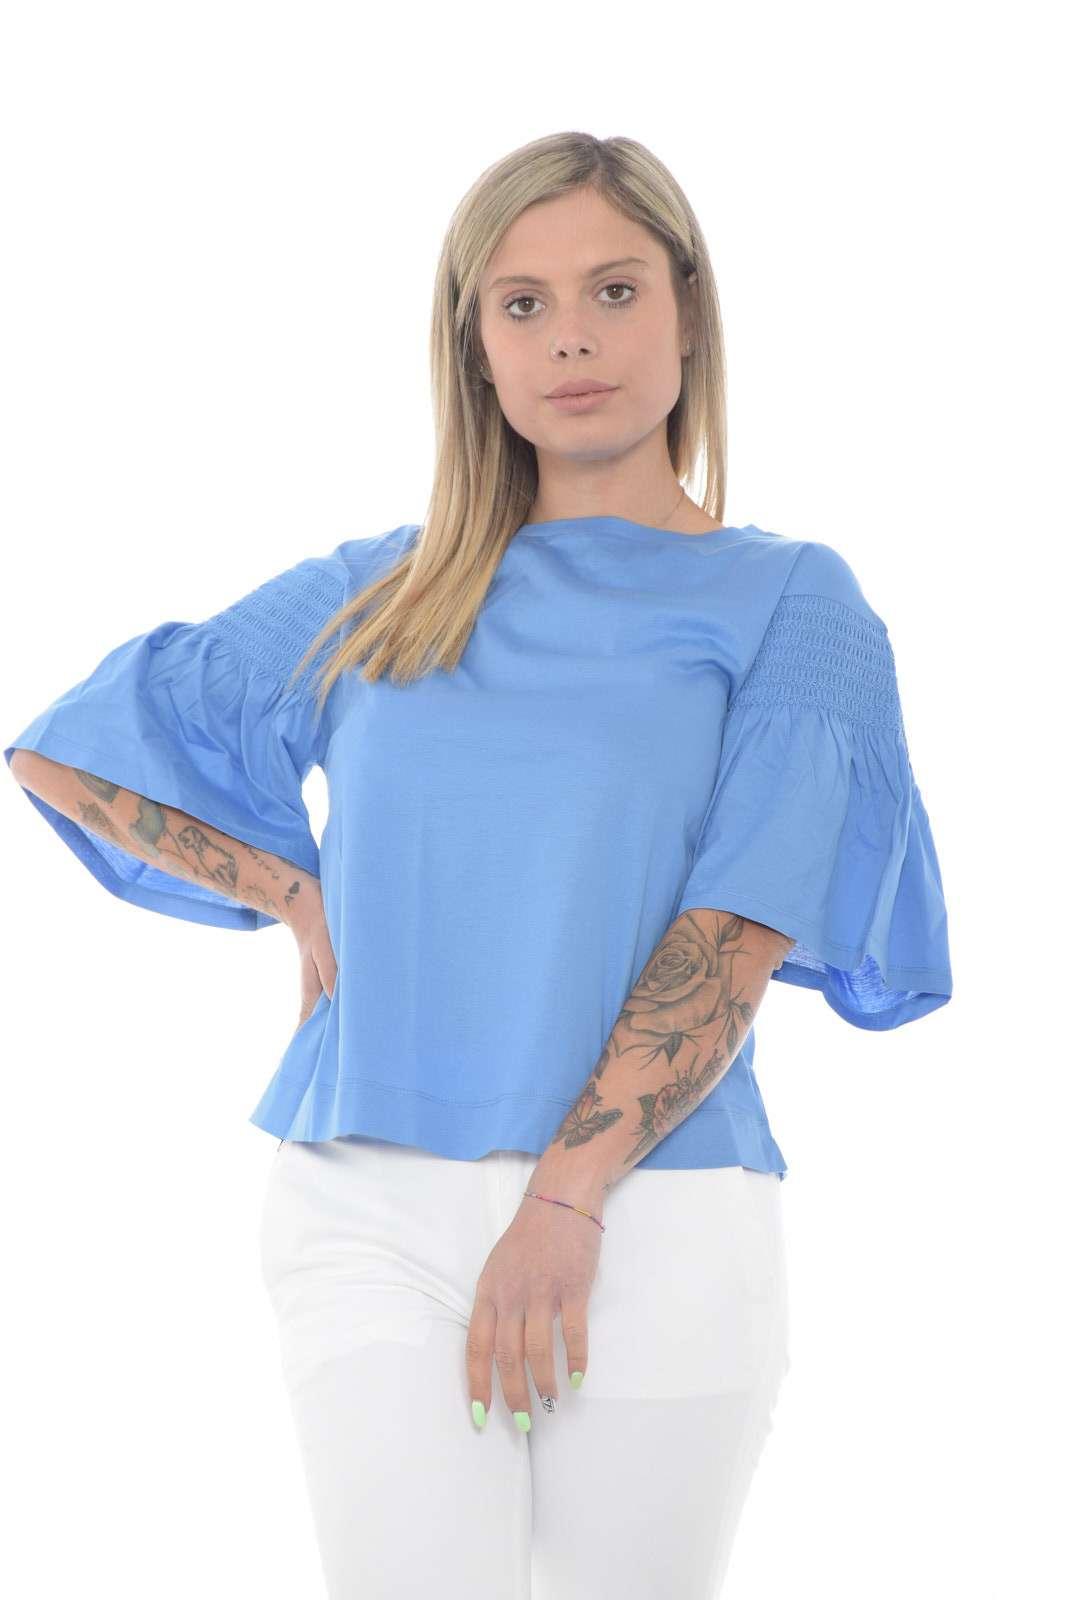 Semplicità e stile per la nuova blusa proposta dalla collection Weekend Max Mara. Un taglio basic impreziosito dalle maniche a palloncino con dettaglio arricciato. Pensata per ogni outfit è un essential.